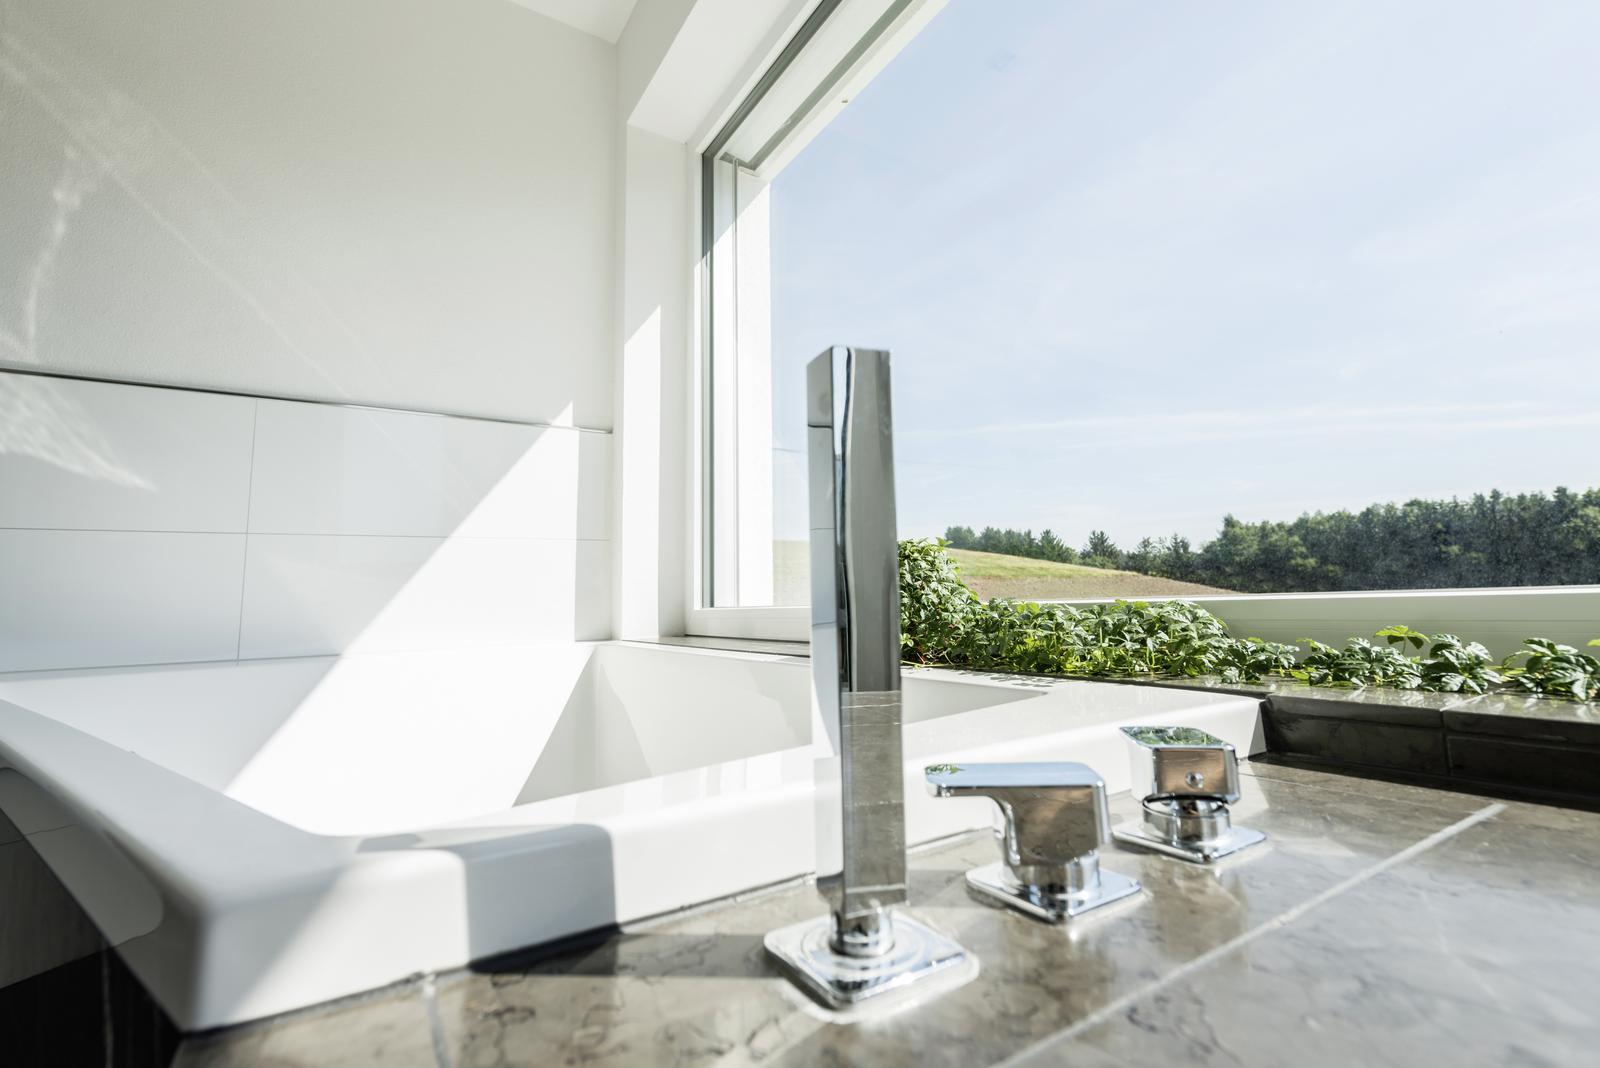 Inšpirujte sa.... kúpeľňa s krásnym výhľadom - Obrázok č. 3